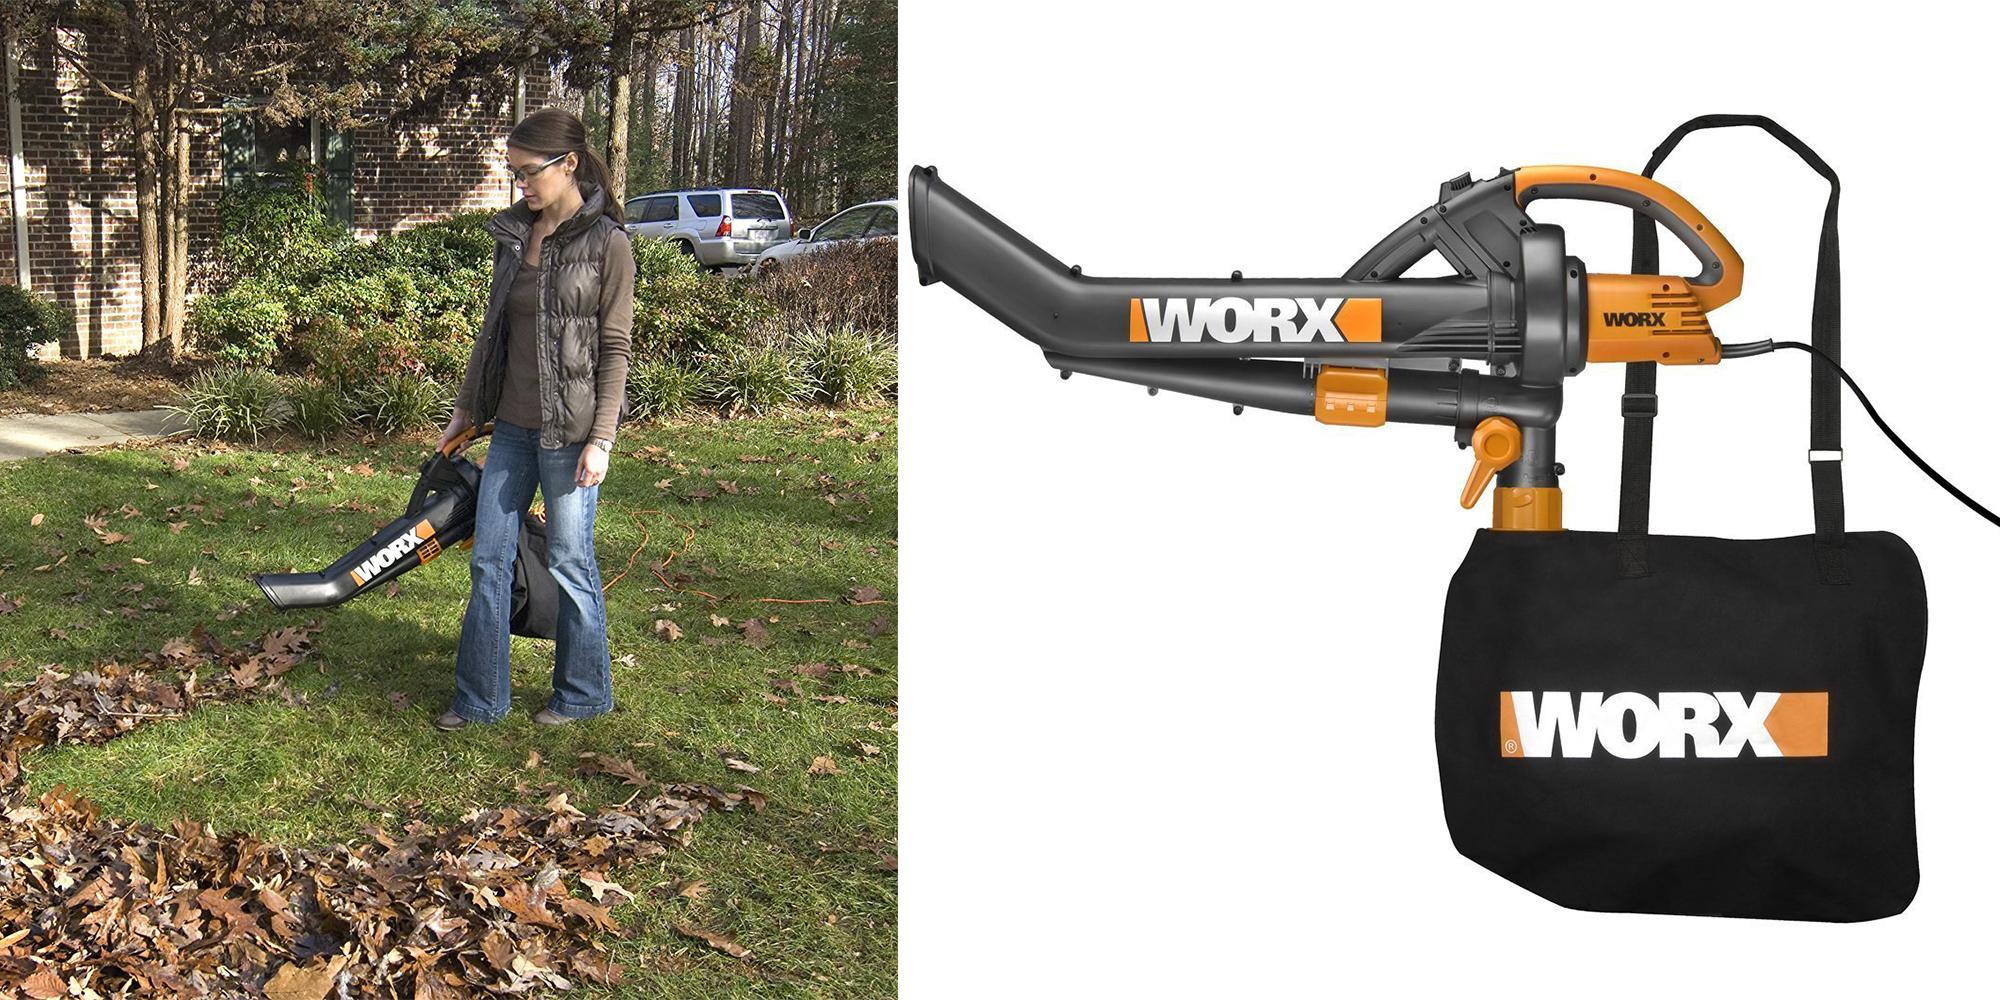 worx-trivac-ebay-deal